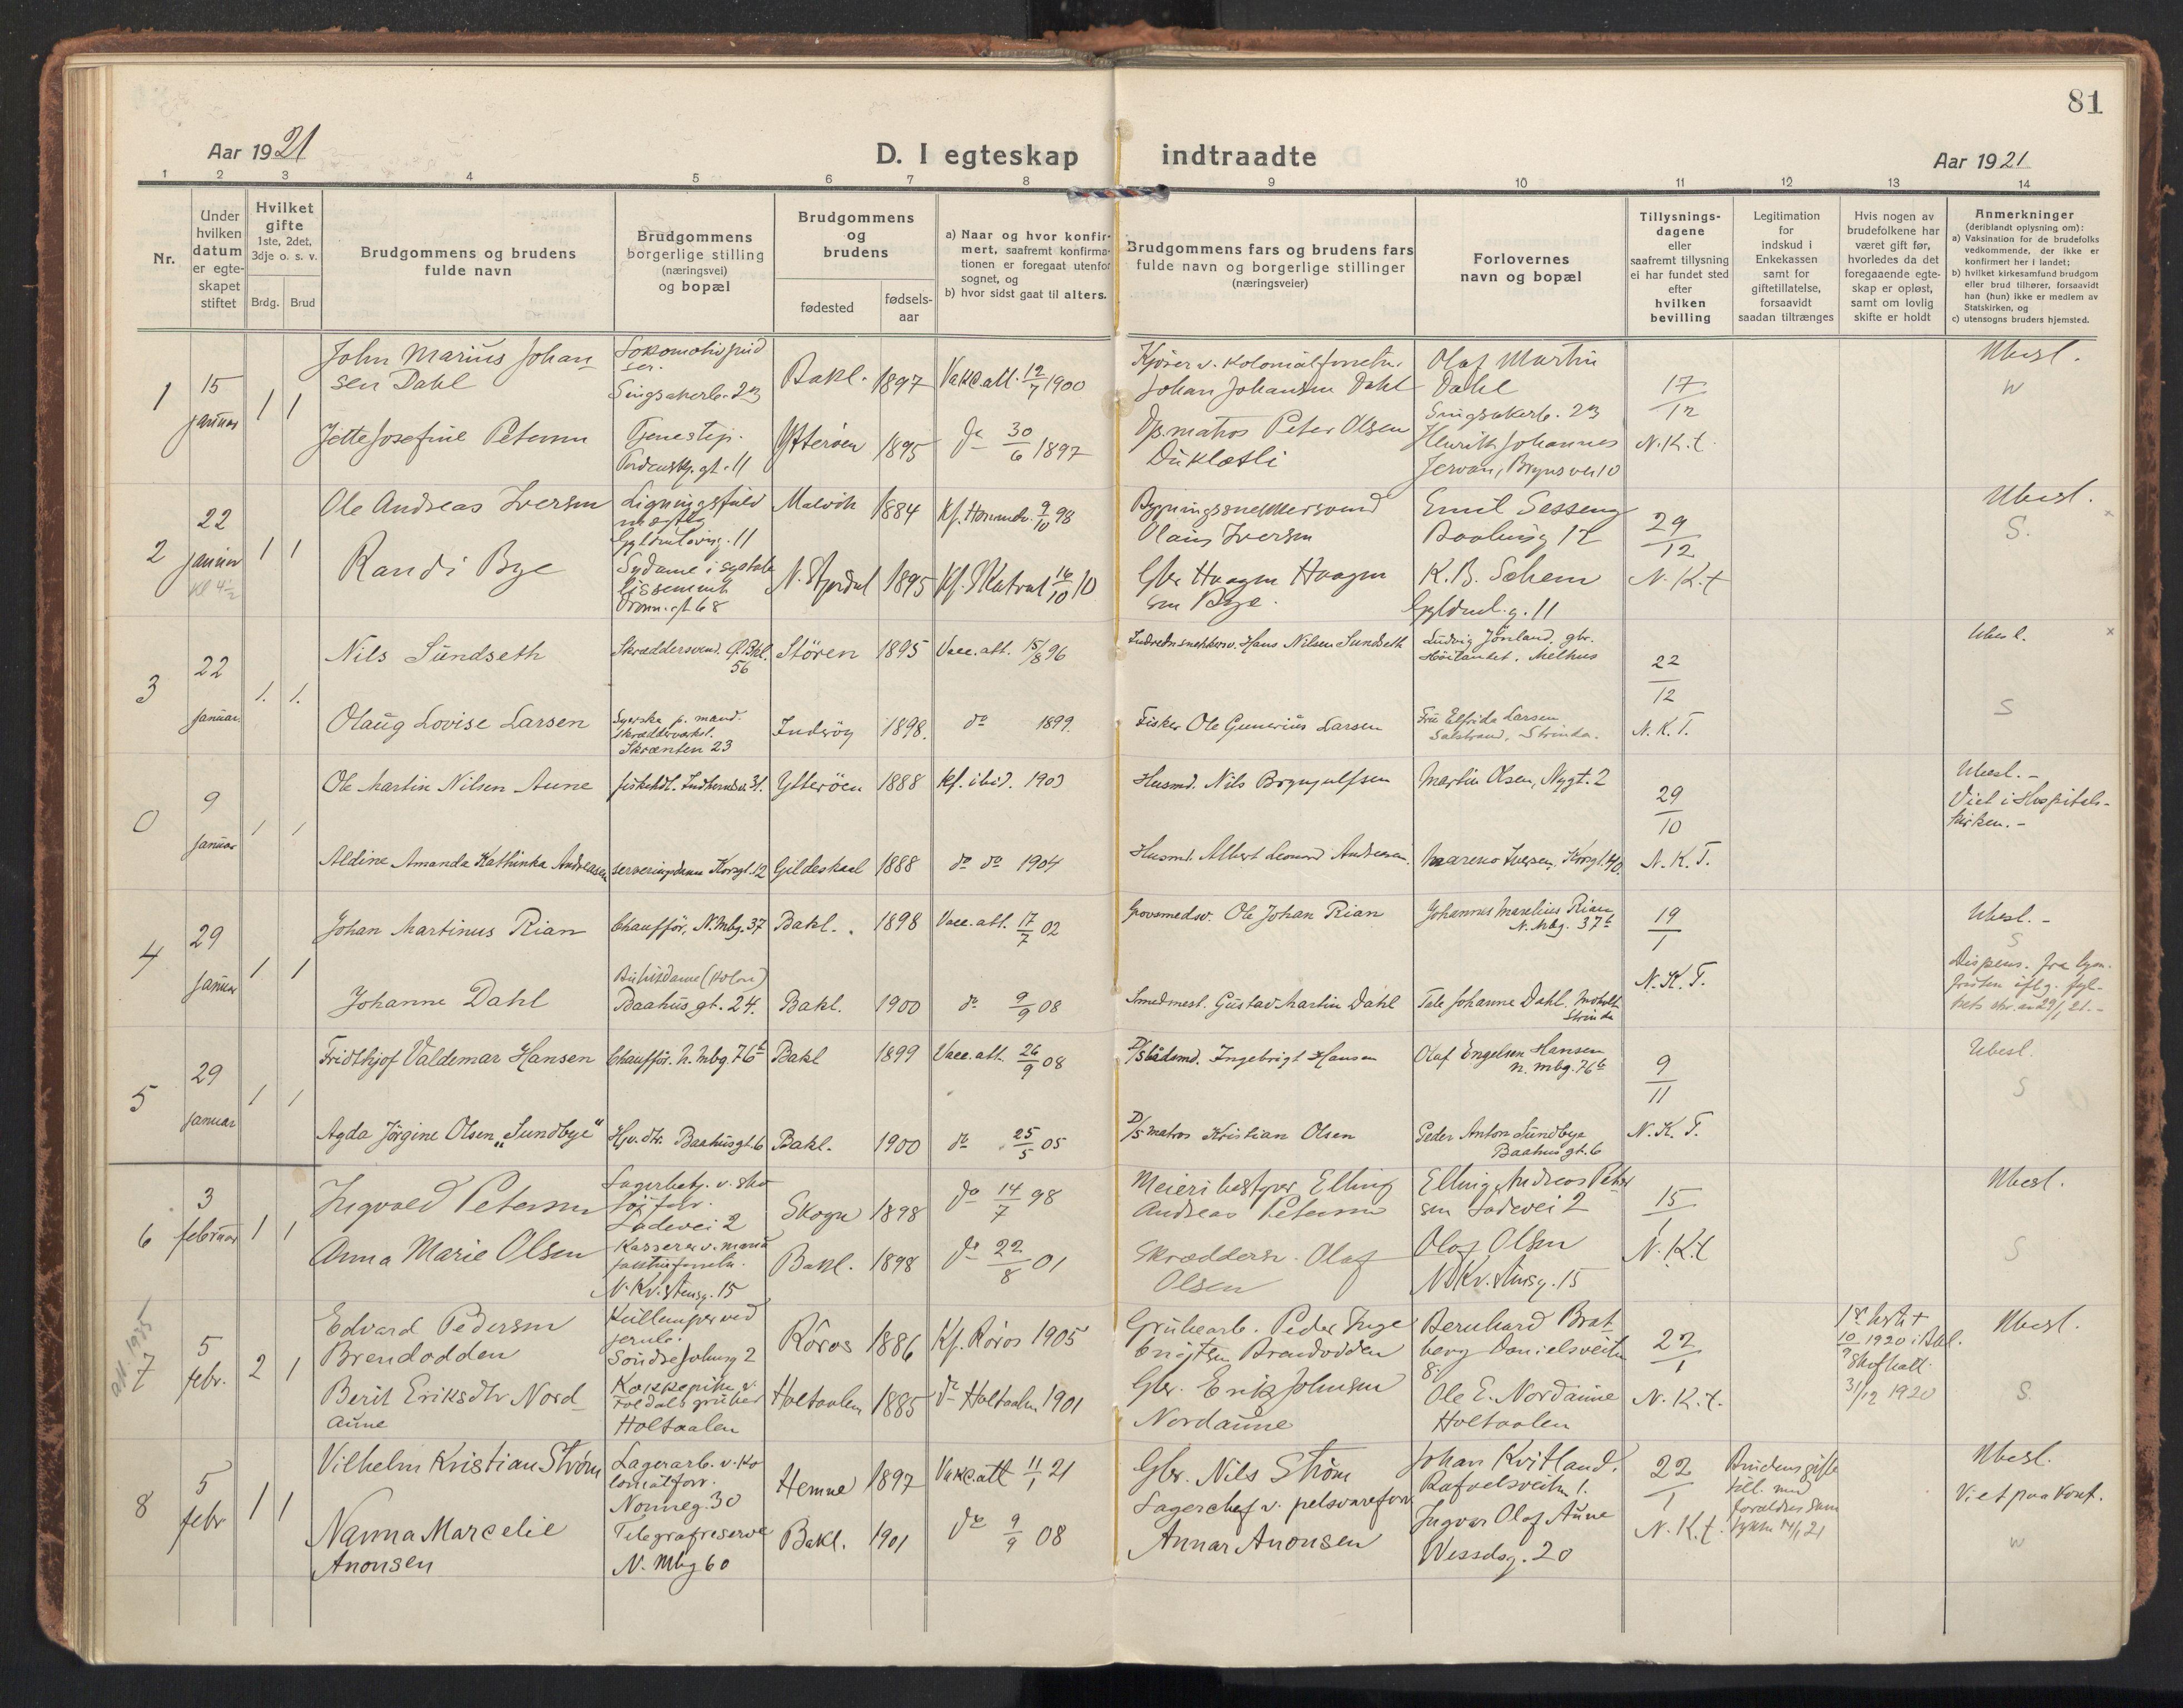 SAT, Ministerialprotokoller, klokkerbøker og fødselsregistre - Sør-Trøndelag, 604/L0206: Ministerialbok nr. 604A26, 1917-1931, s. 81